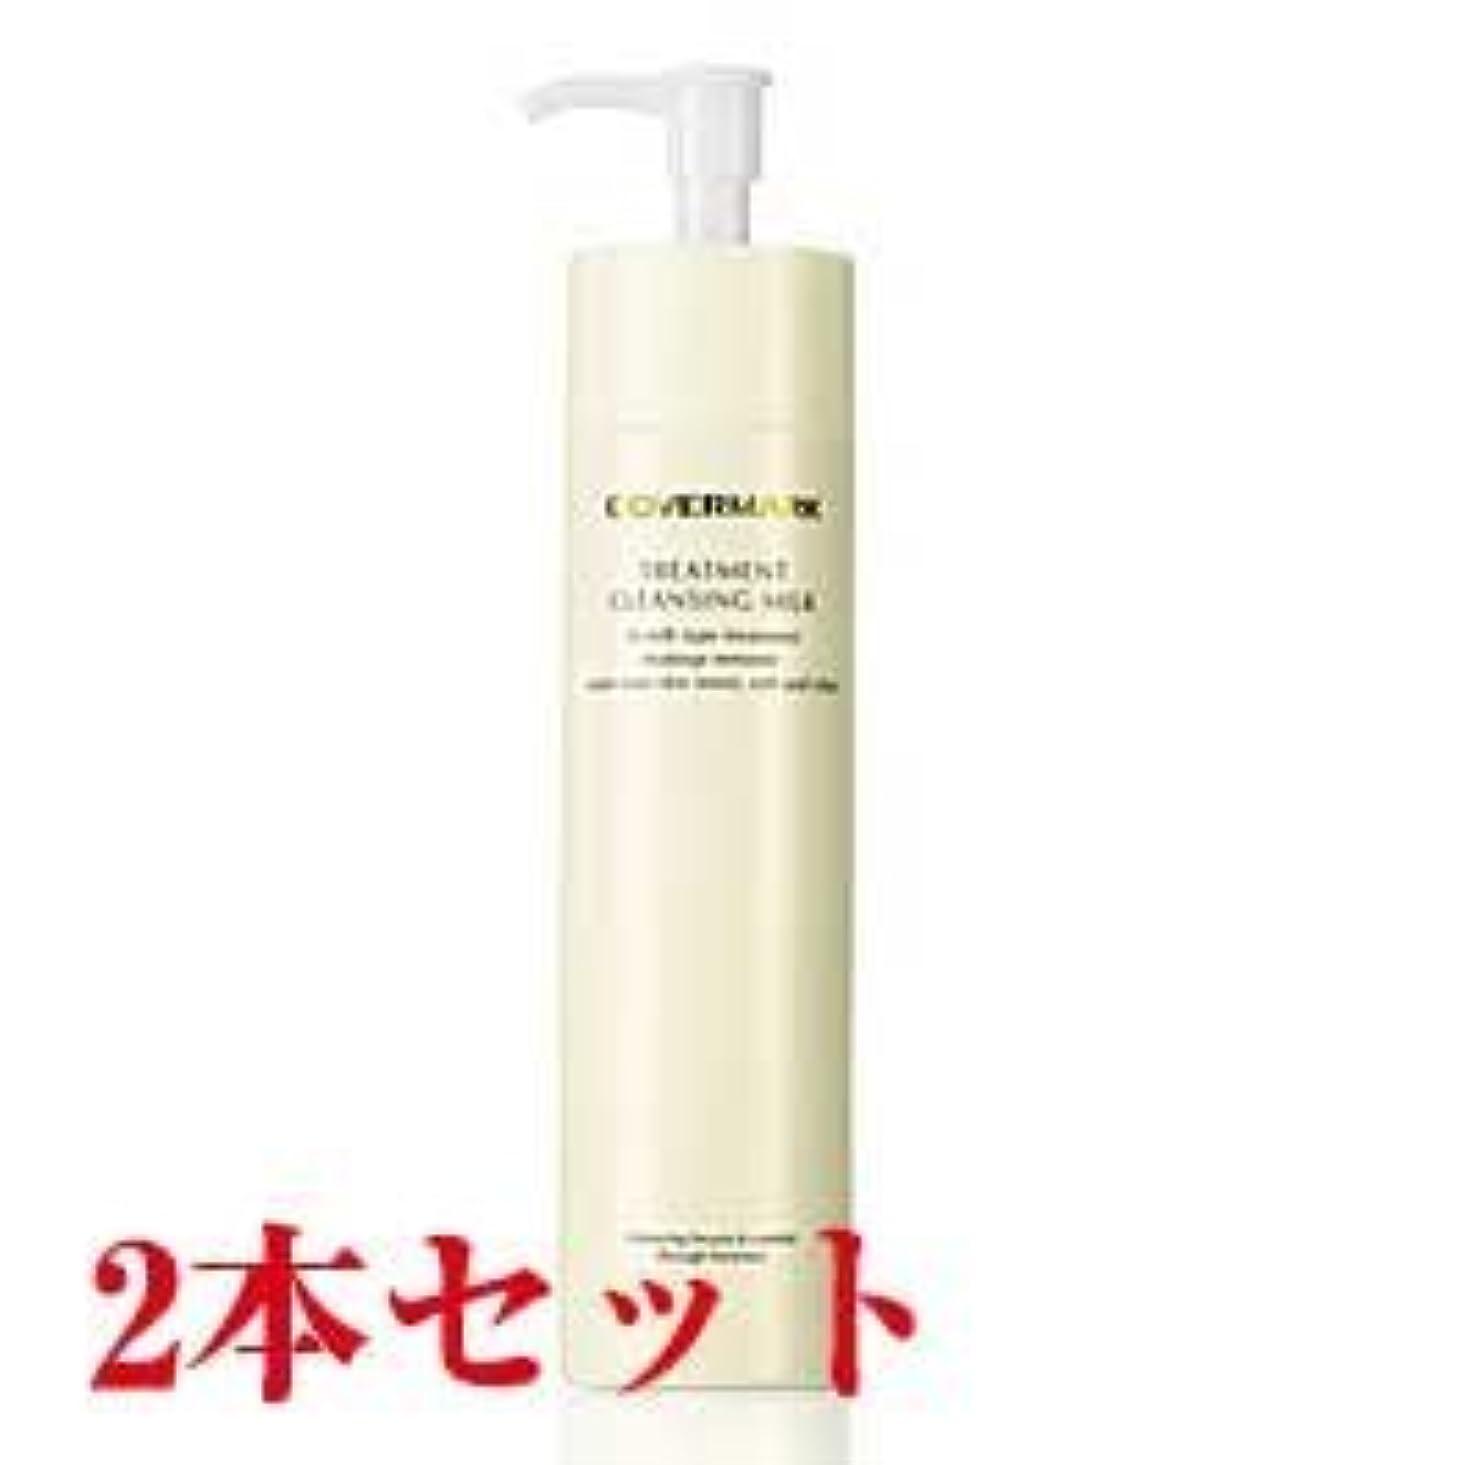 ビジネス思春期バリア【2本セット】カバーマーク トリートメント クレンジング ミルク 200g